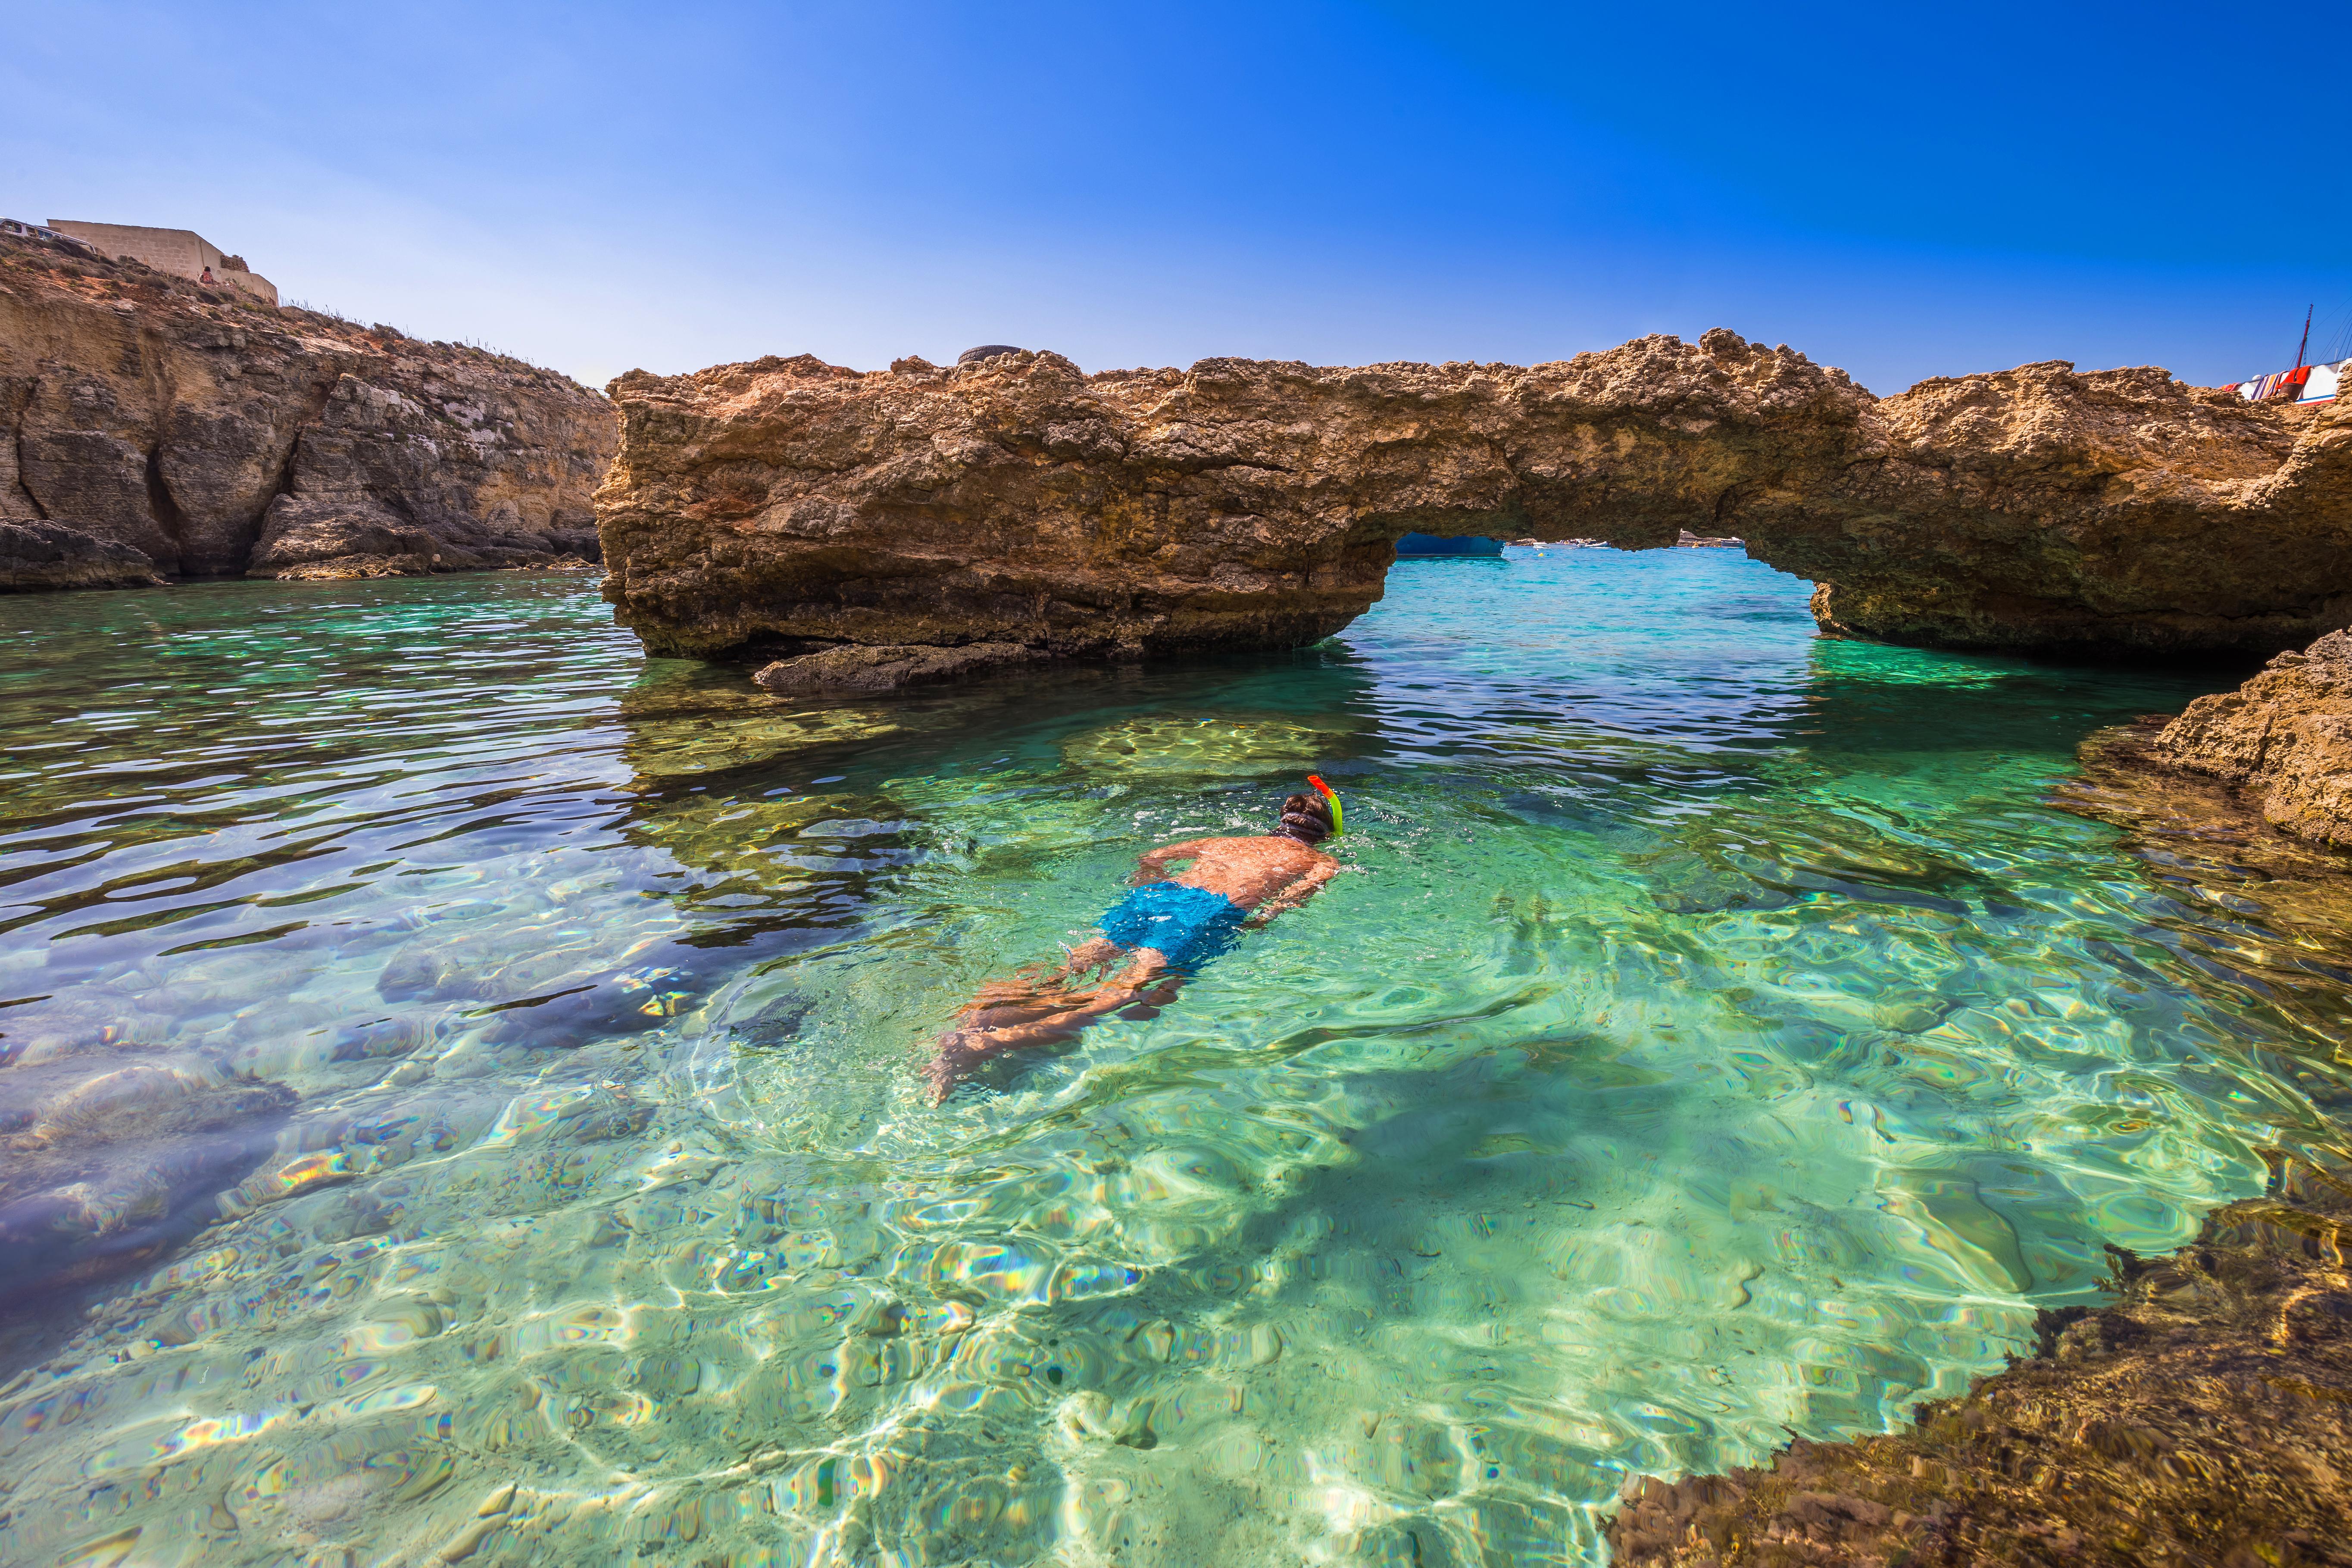 Sumérgete en un mar perfecto para los buceadores - Malta Circuito Maravillas de Malta